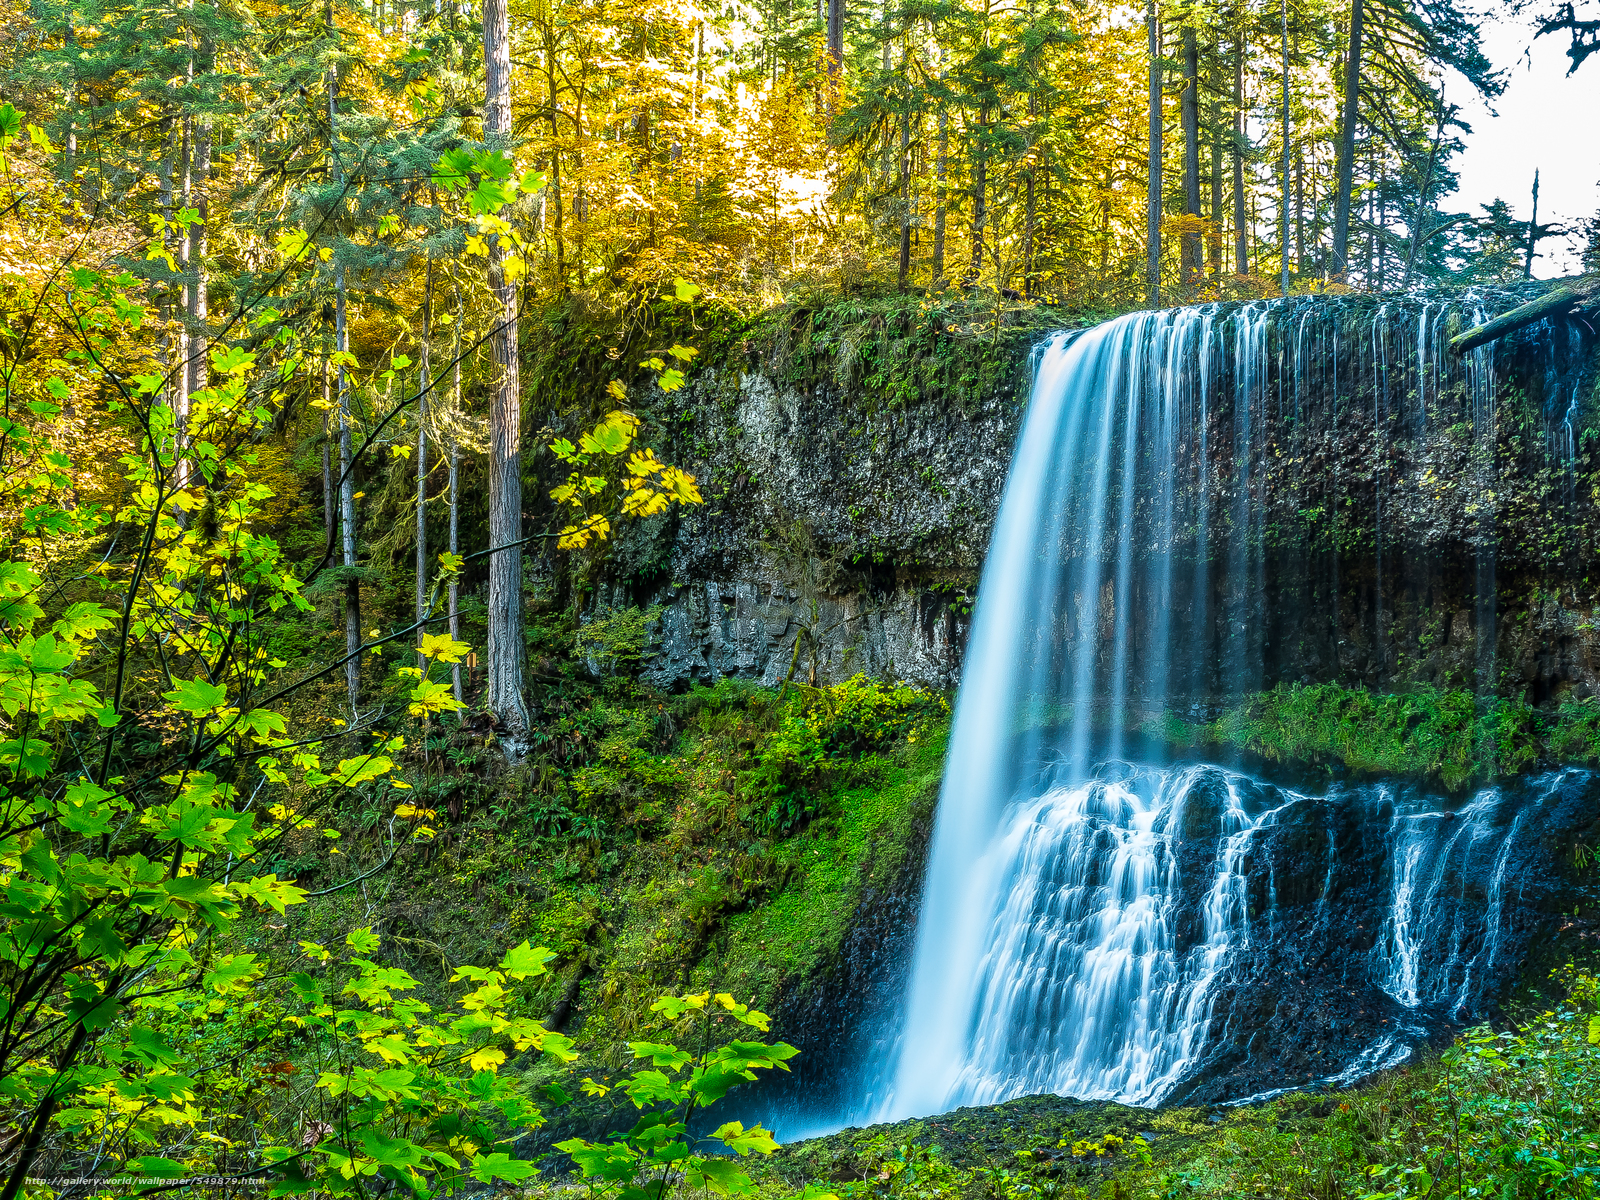 Tlcharger Fond d'ecran automne,  forêt,  arbres,  cascade Fonds d'ecran gratuits pour votre rsolution du bureau 4608x3456 — image №549879